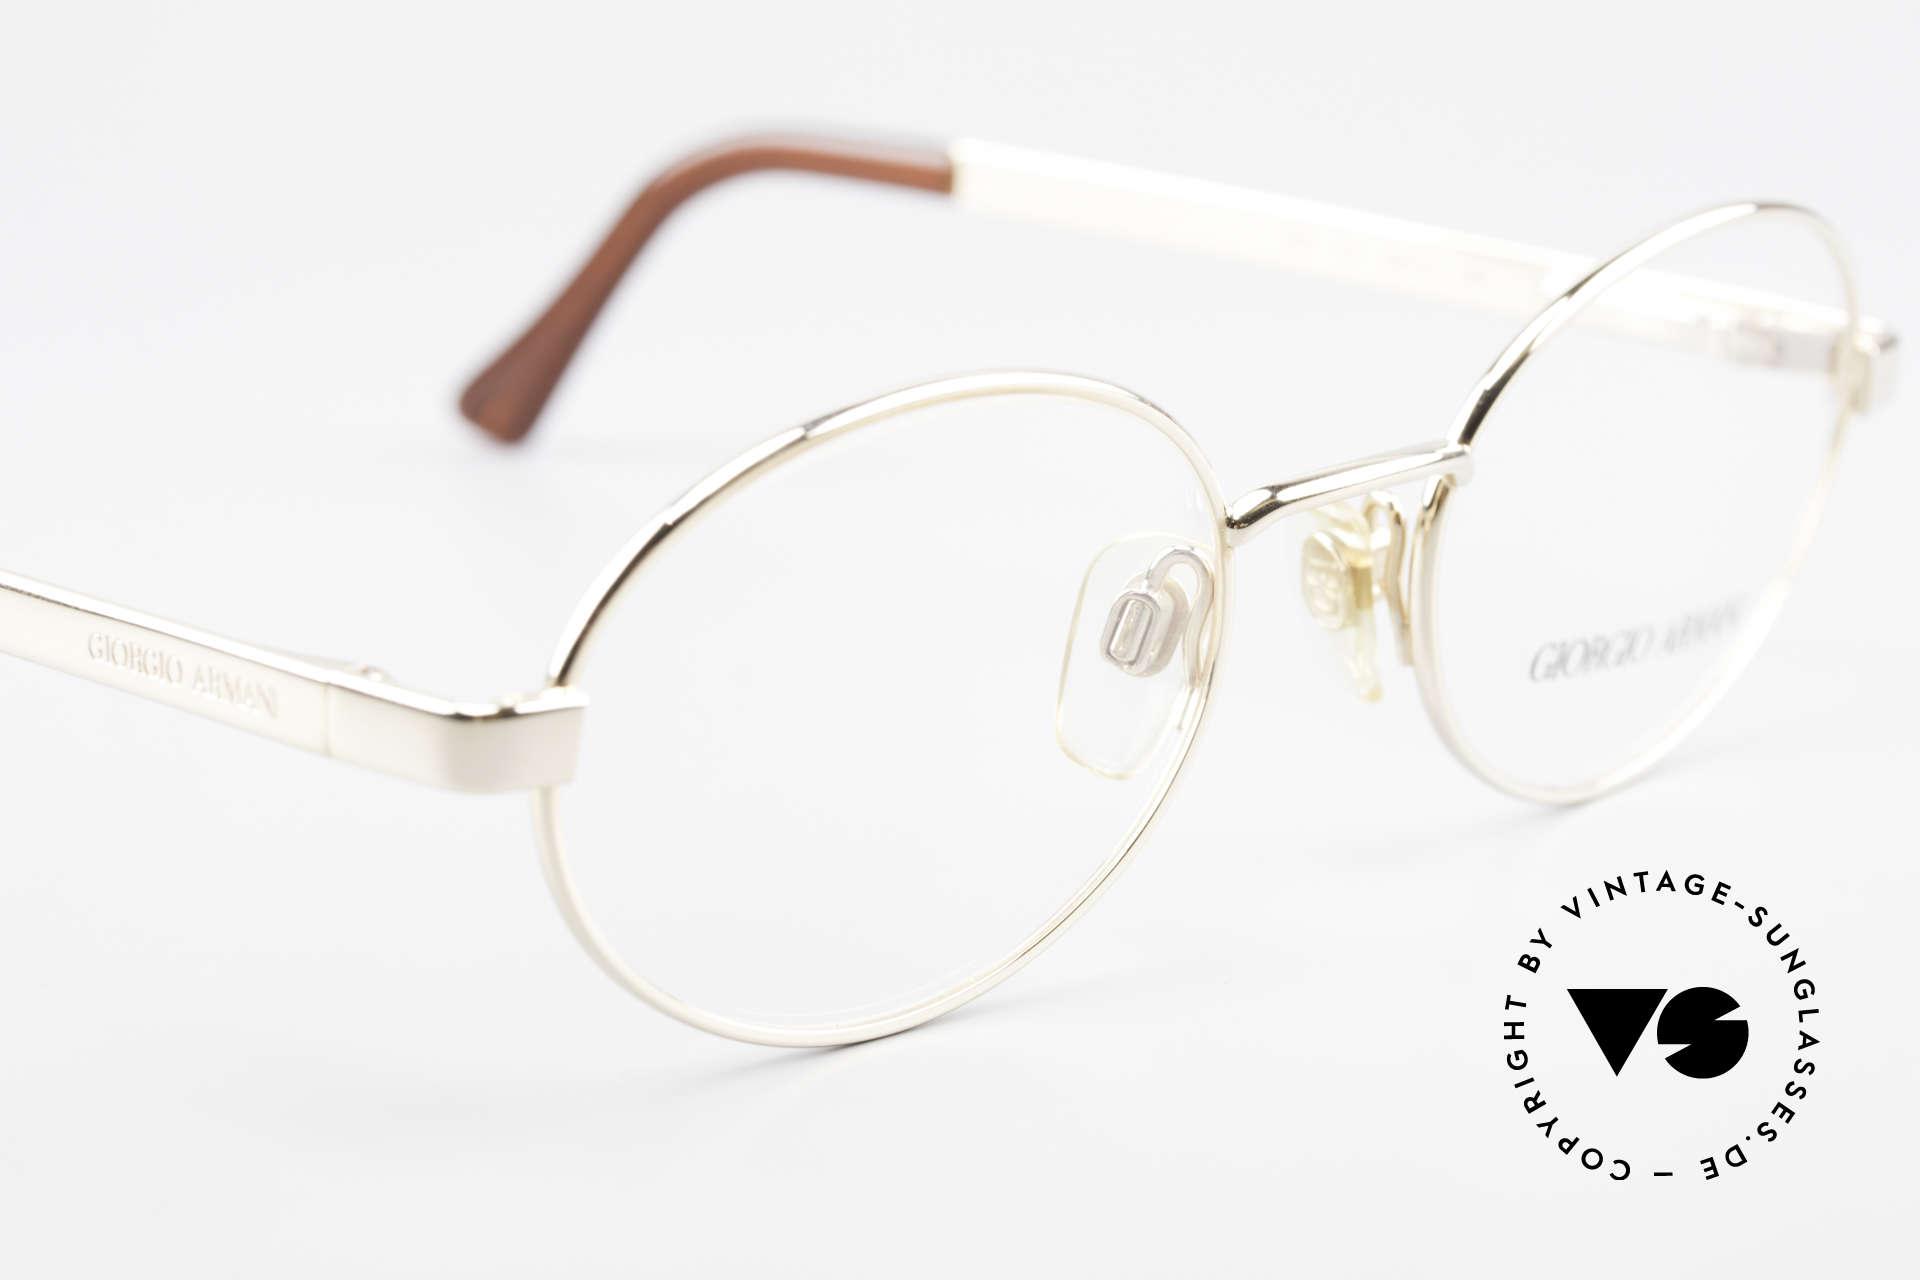 Giorgio Armani 257 Designerbrille Oval Vintage, keine aktuelle Kollektion, sondern alte Originalware!, Passend für Herren und Damen